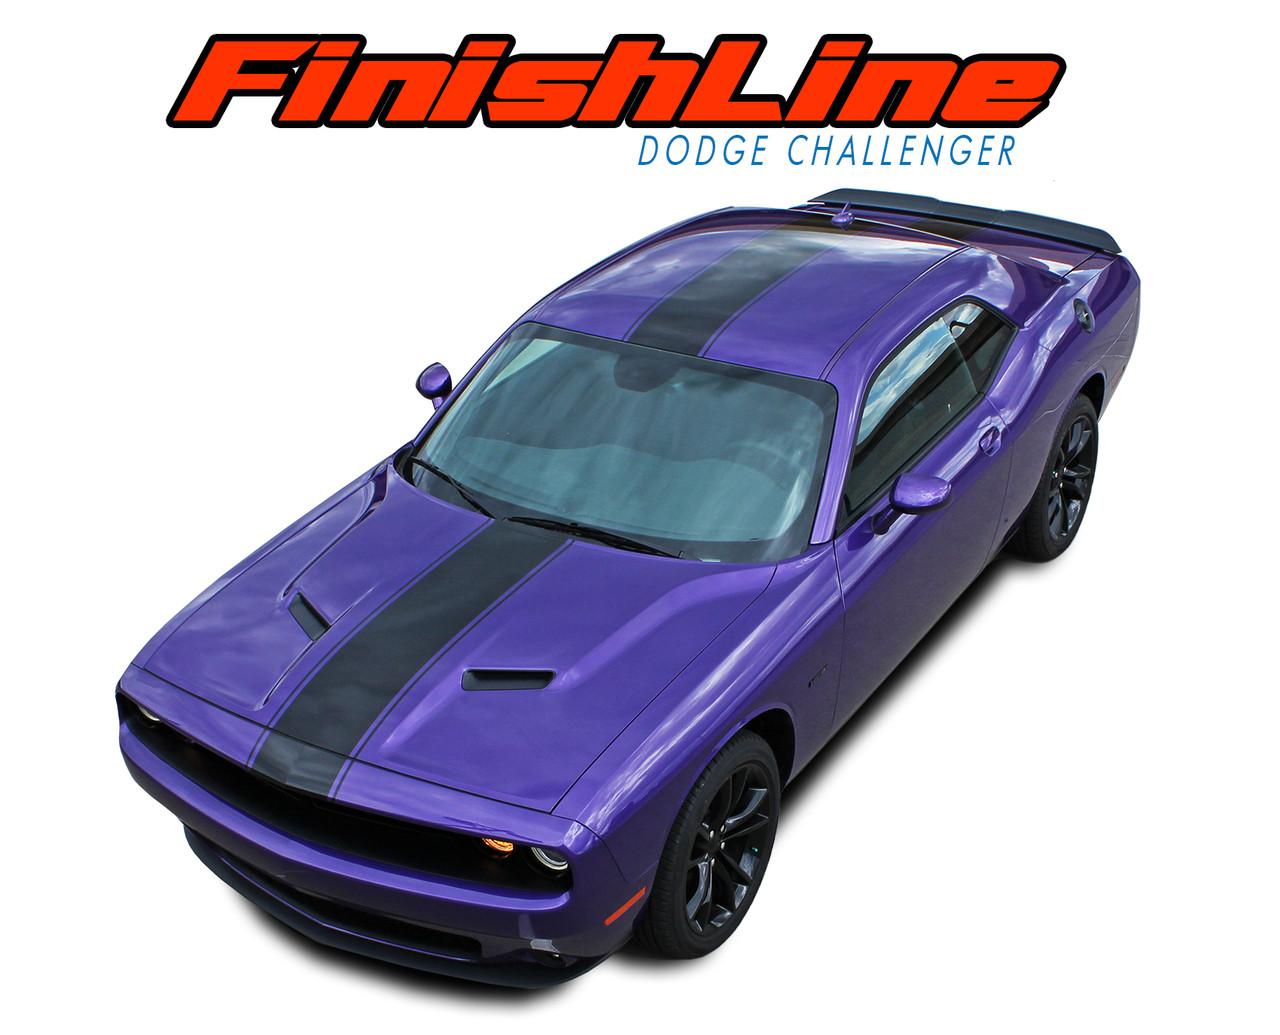 Finish Line Dodge Challenger Hood Stripes Challenger